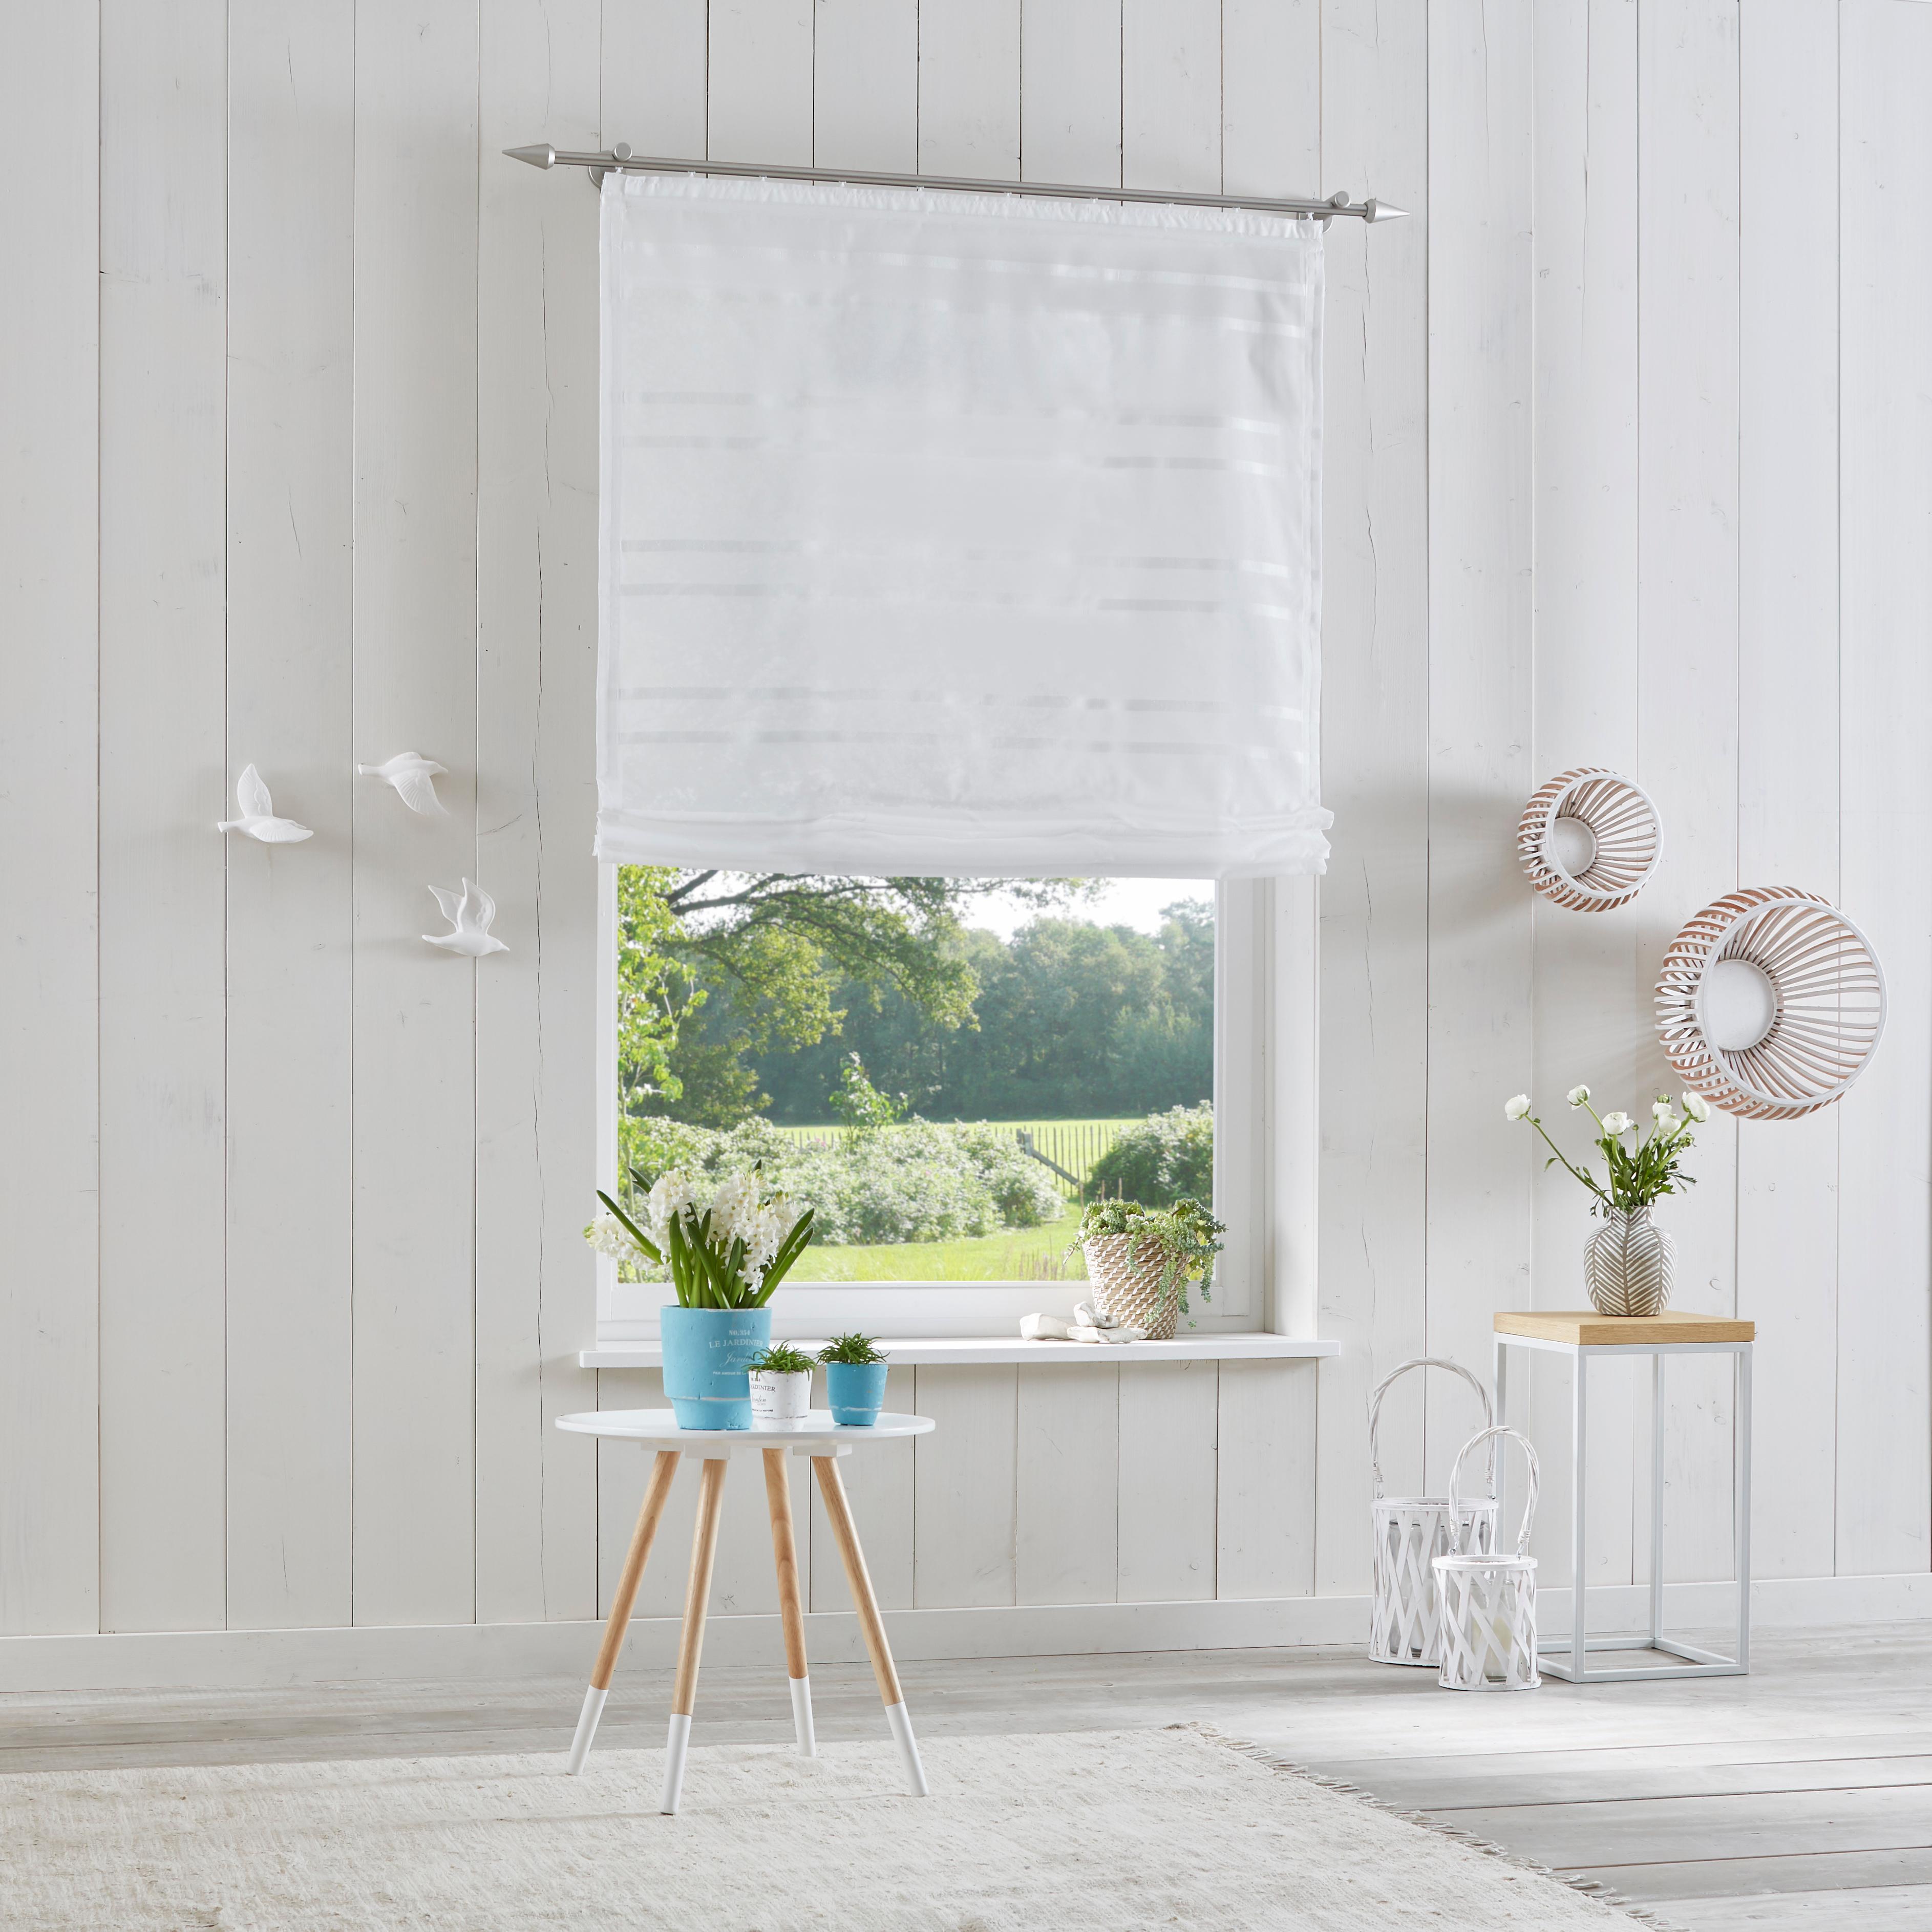 Raffrollo »Assen«, my home, mit Klettband | Heimtextilien > Jalousien und Rollos > Raffrollos | Weiß | Polyester - Stoff | MY HOME